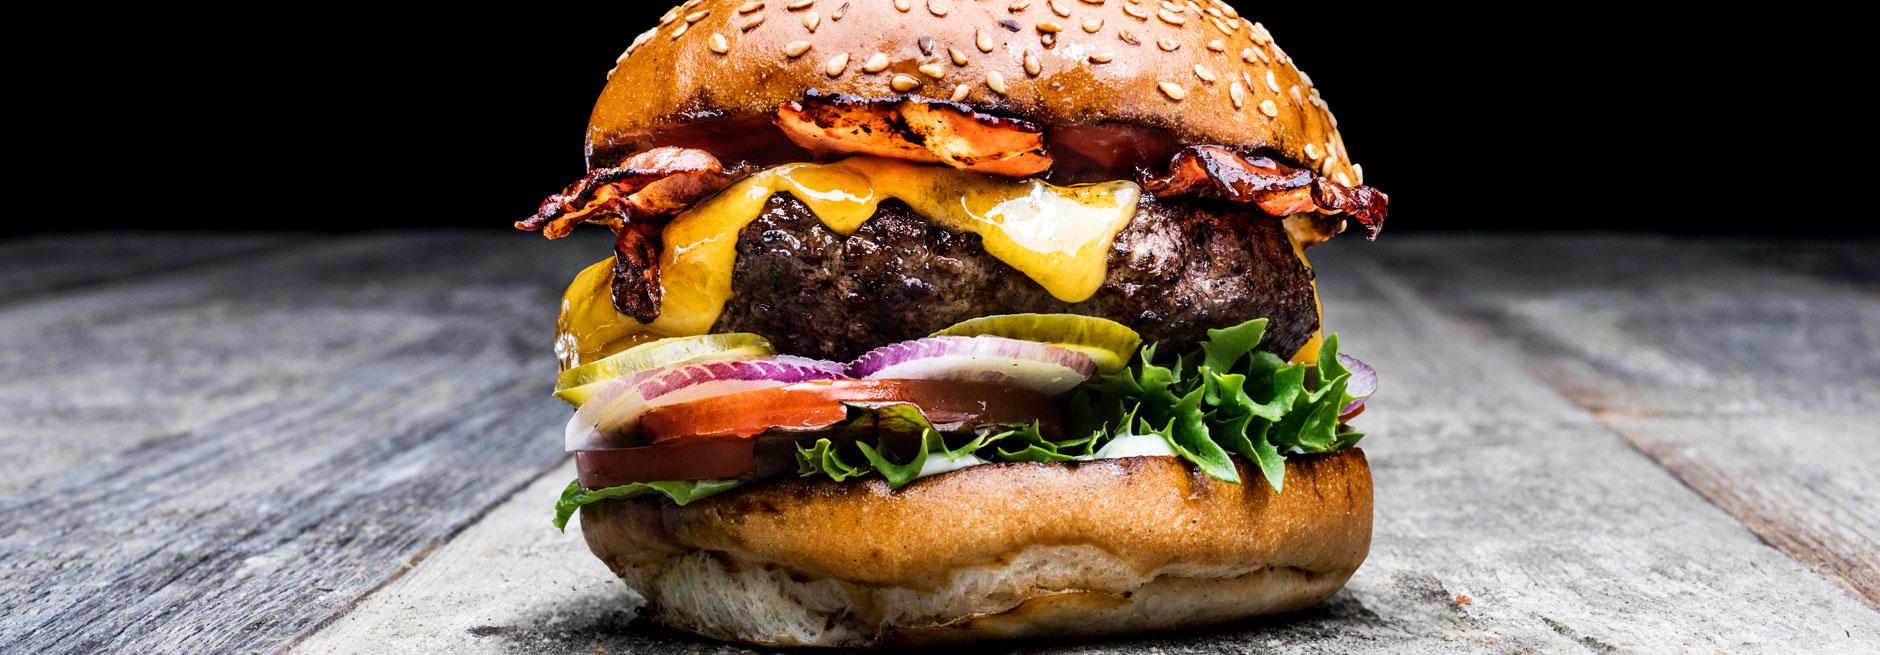 QMUH - Burgergrill und Steakhouse Bar